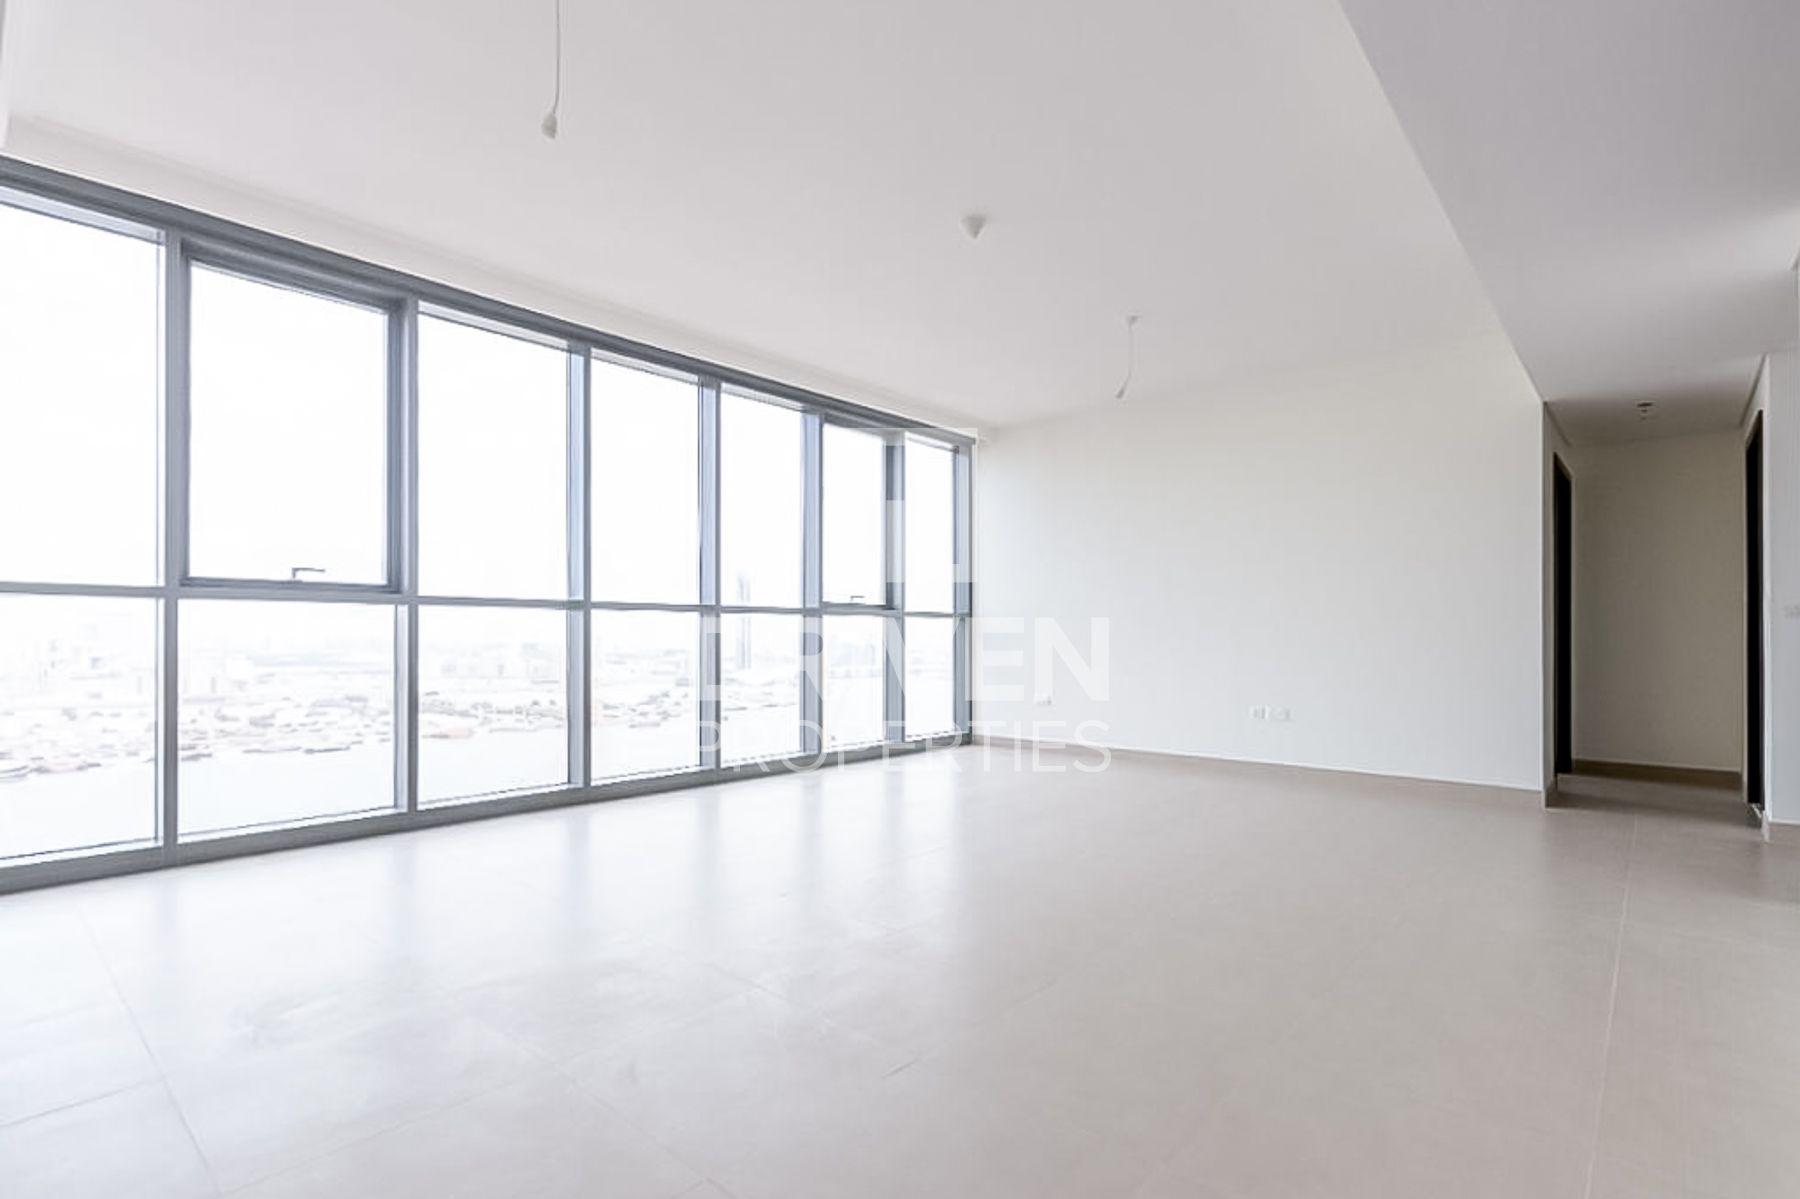 1,368 قدم مربع  شقة - للبيع - ميناء خور دبي